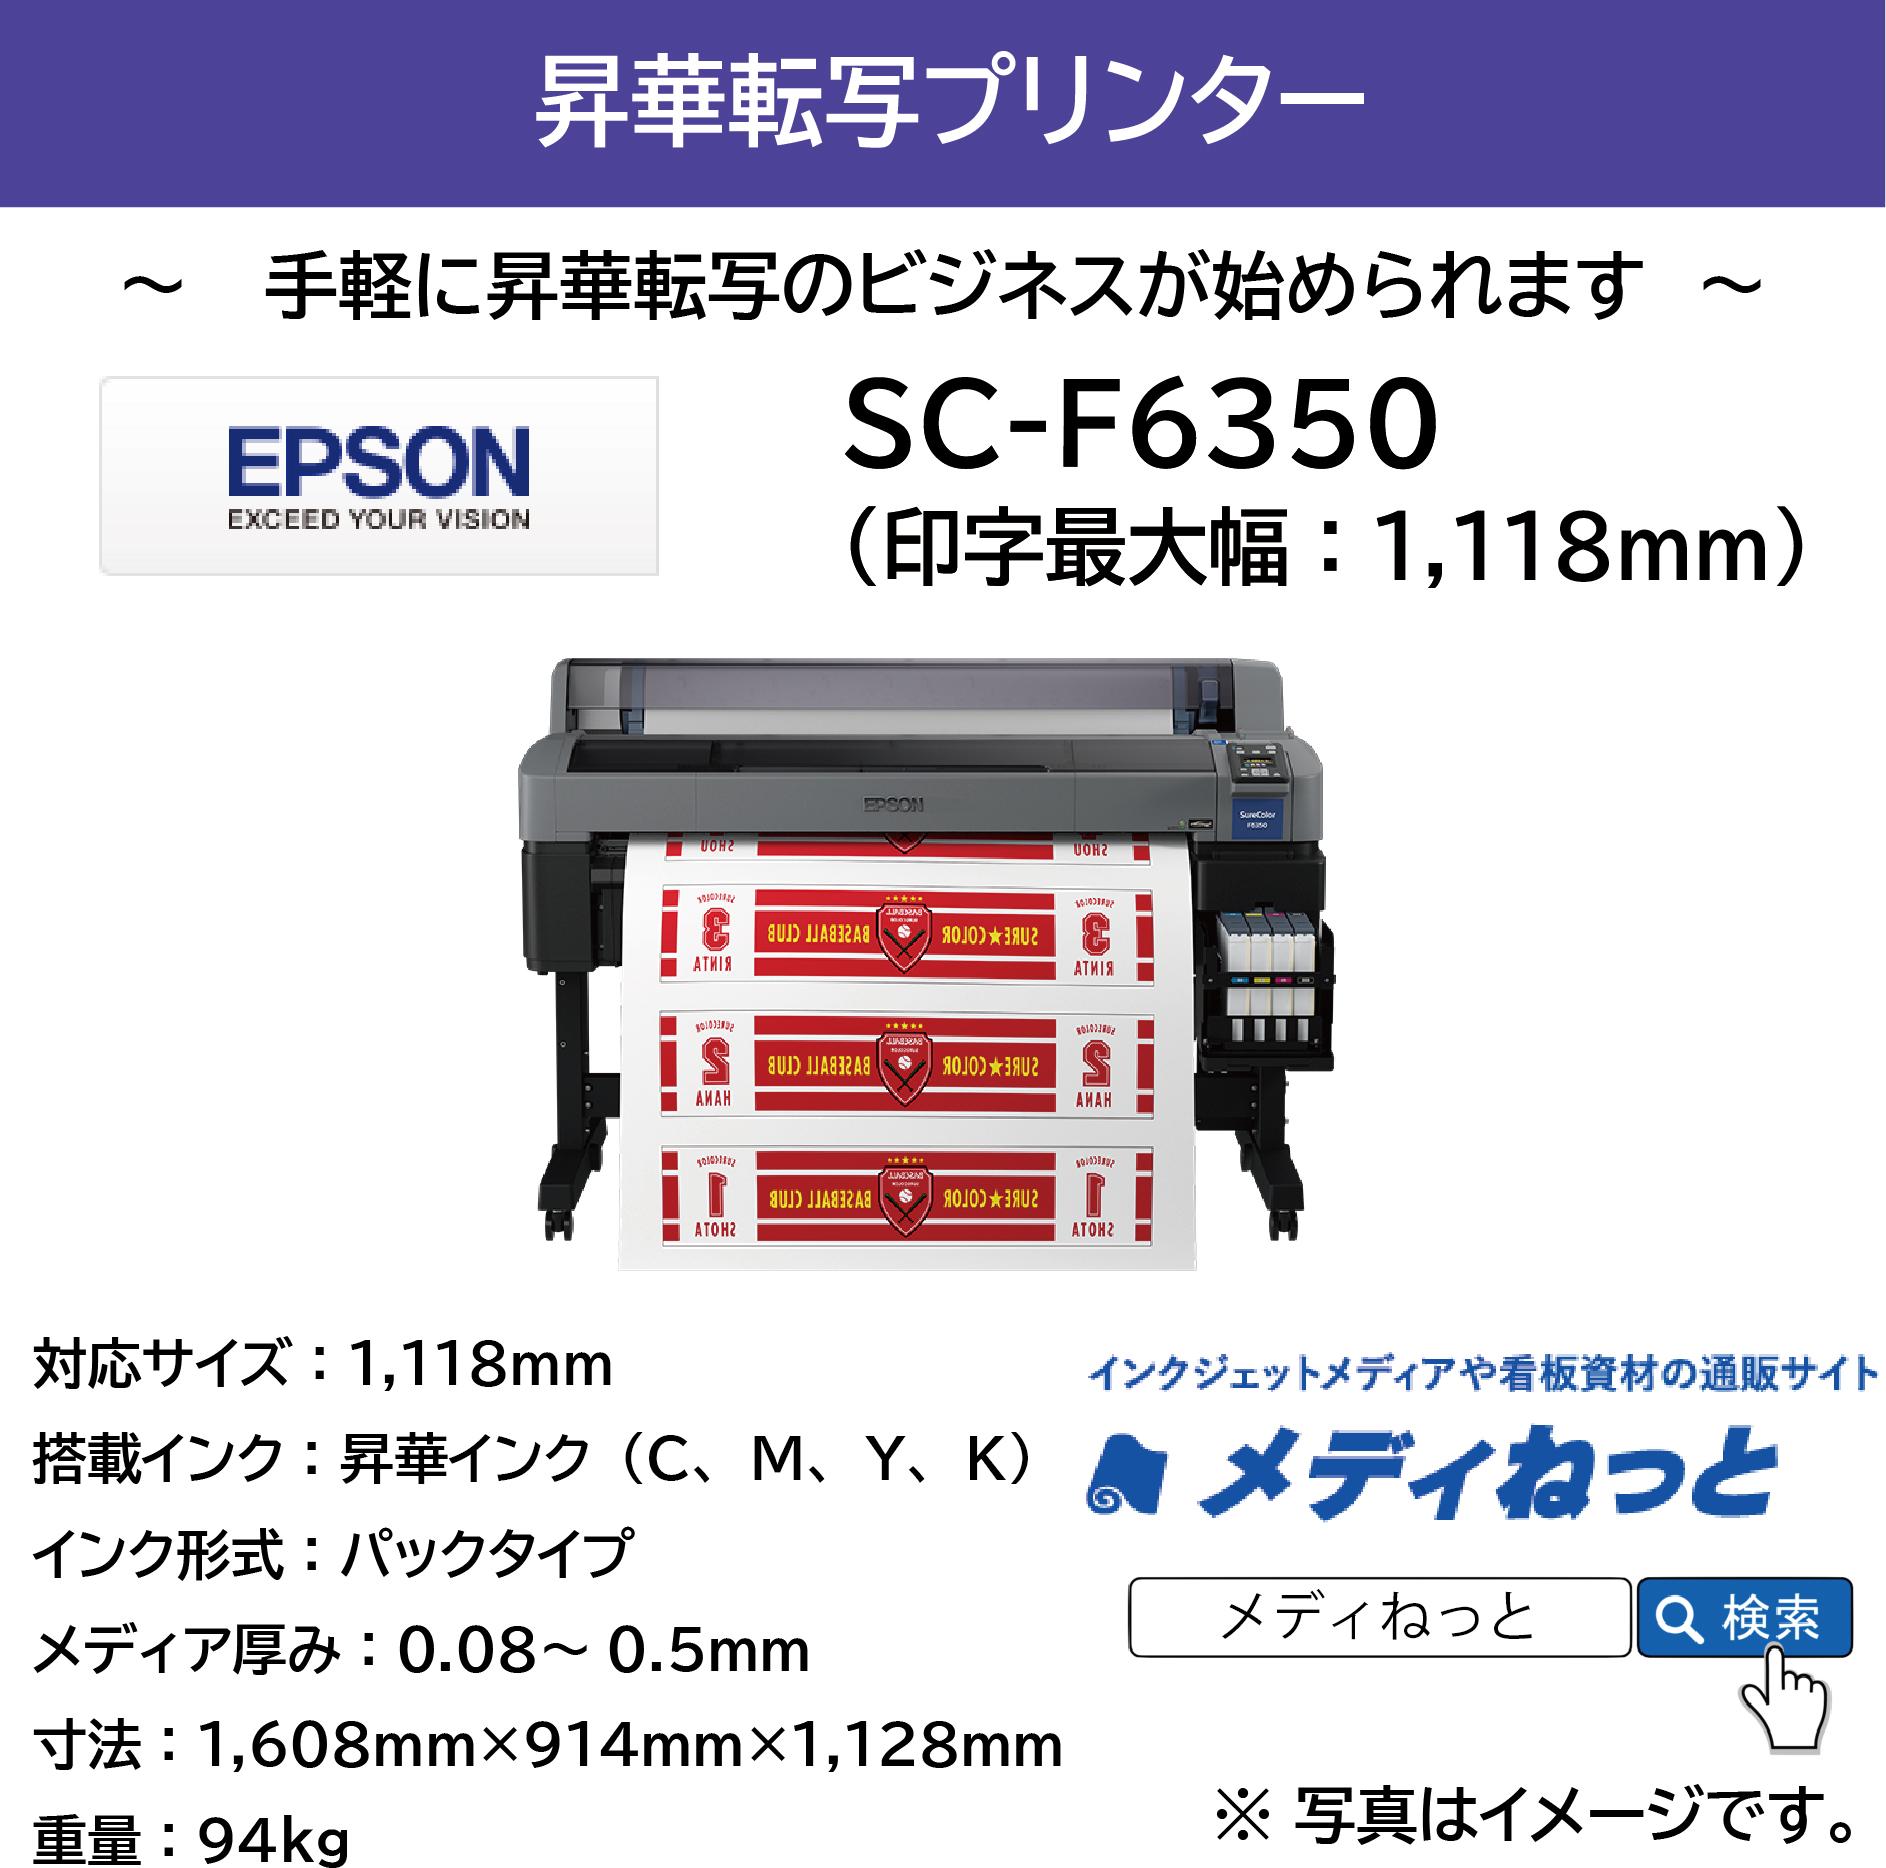 【昇華転写プリンター】EPSON SC-F6350 最大印字幅:1,118mm (4色インク/プレス機別売り)